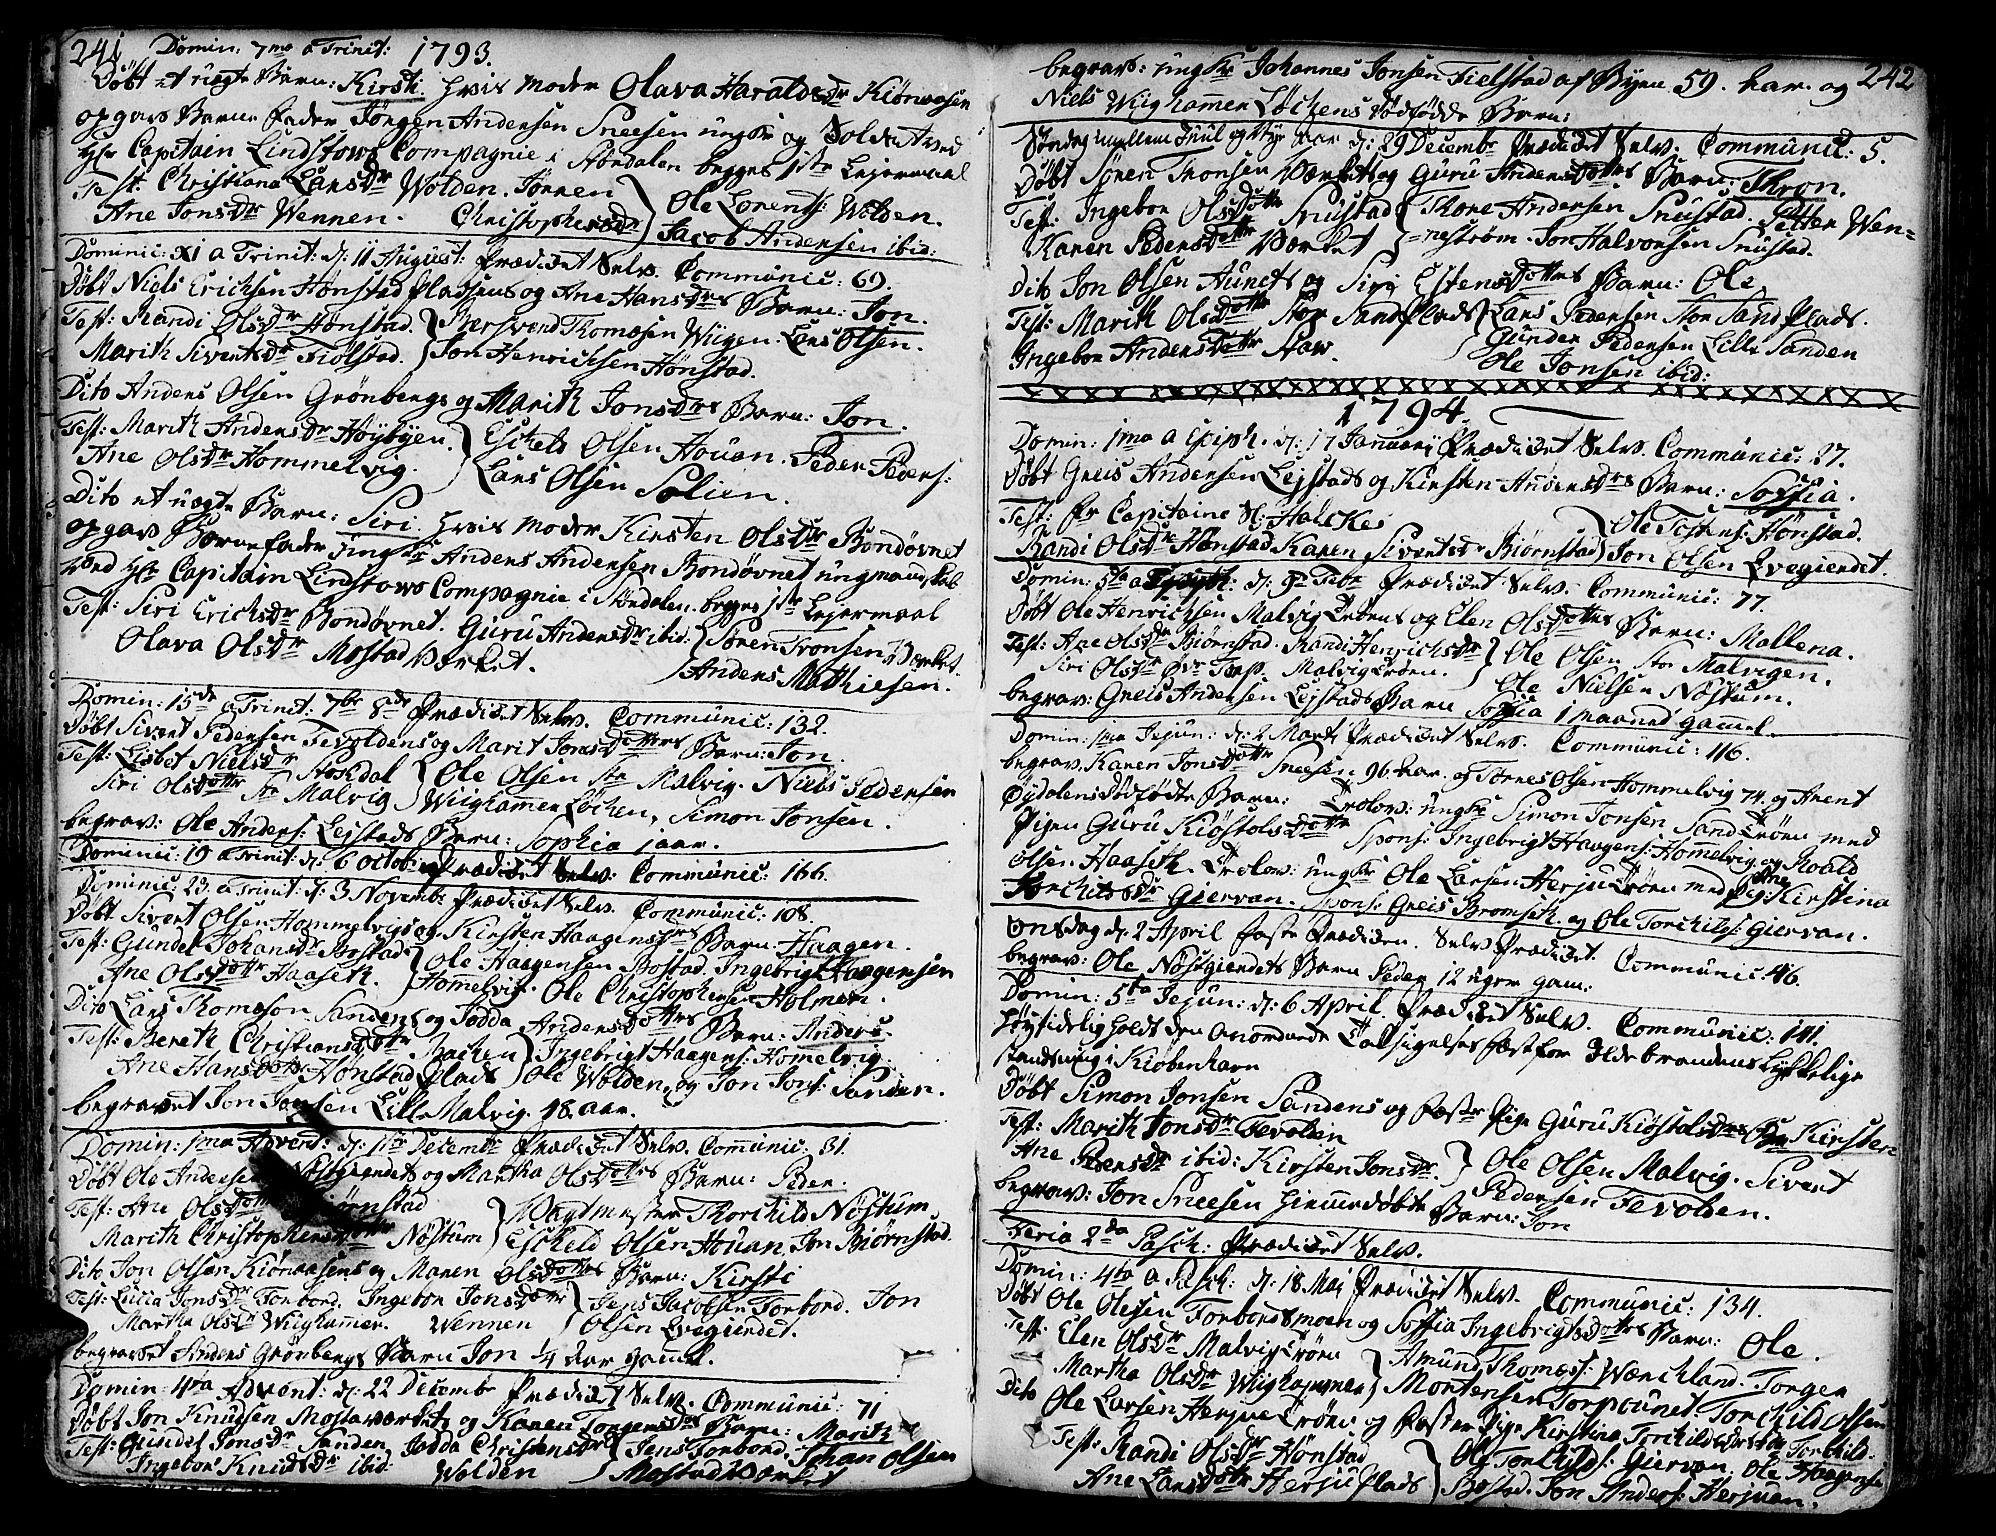 SAT, Ministerialprotokoller, klokkerbøker og fødselsregistre - Sør-Trøndelag, 606/L0281: Ministerialbok nr. 606A02 /2, 1781-1817, s. 241-242